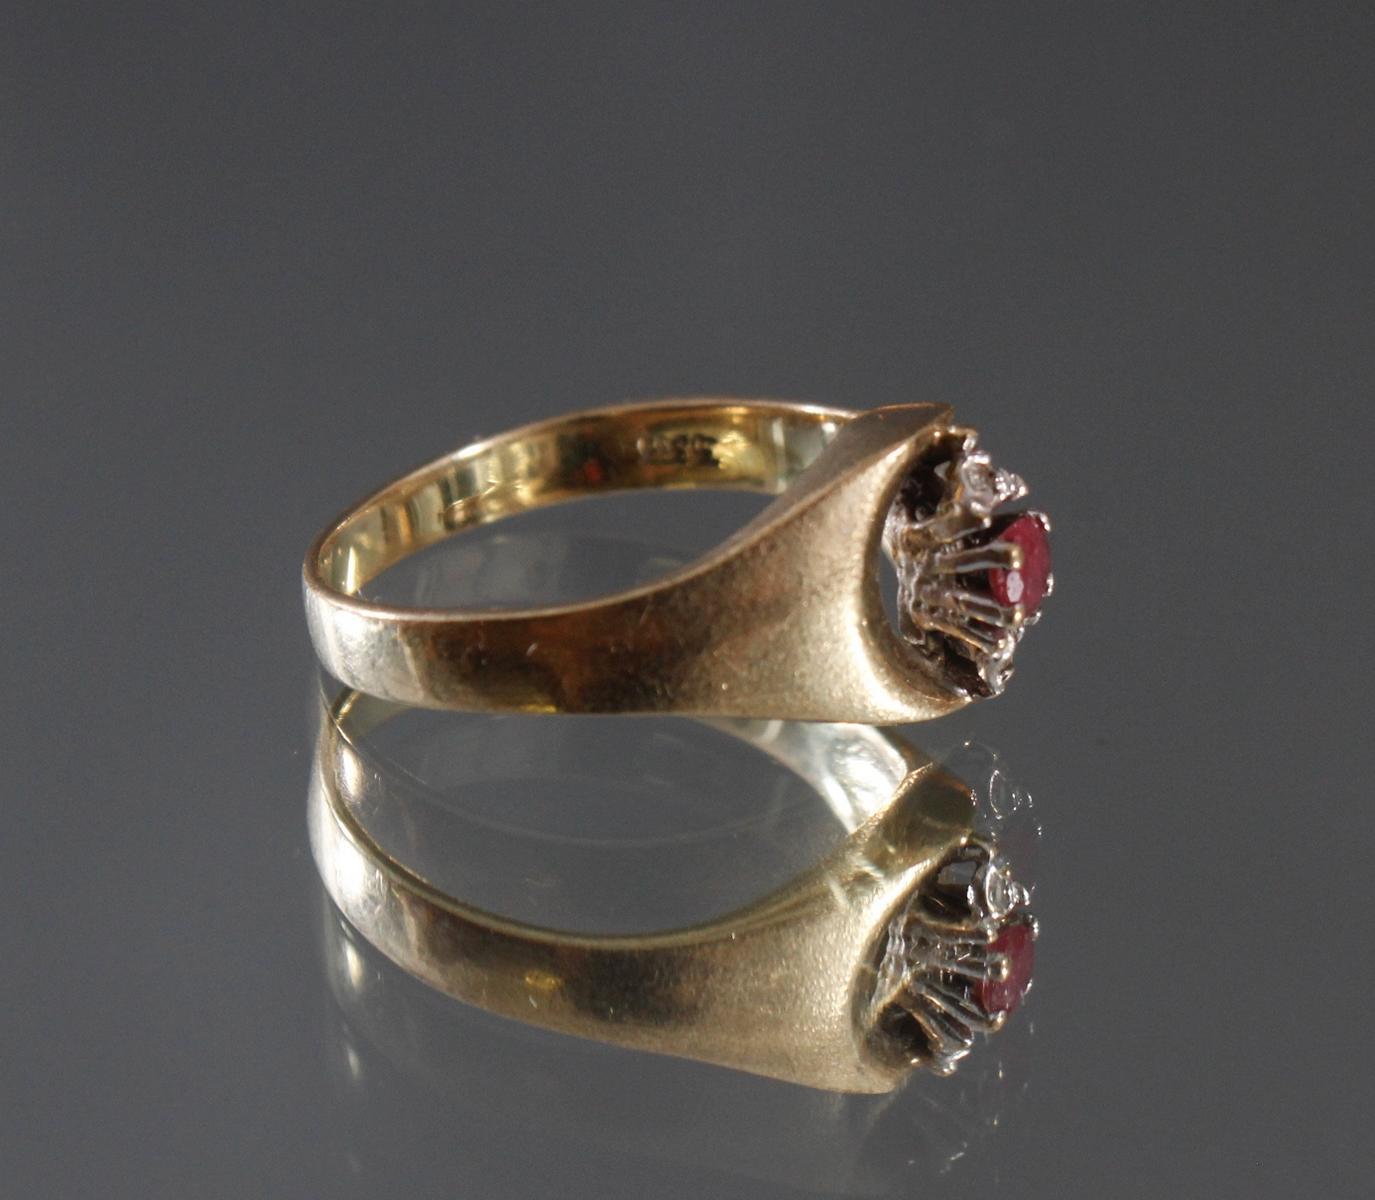 Damenring mit Rubin und 2 kleinen Diamanten, 8 Karat Gelbgold-2